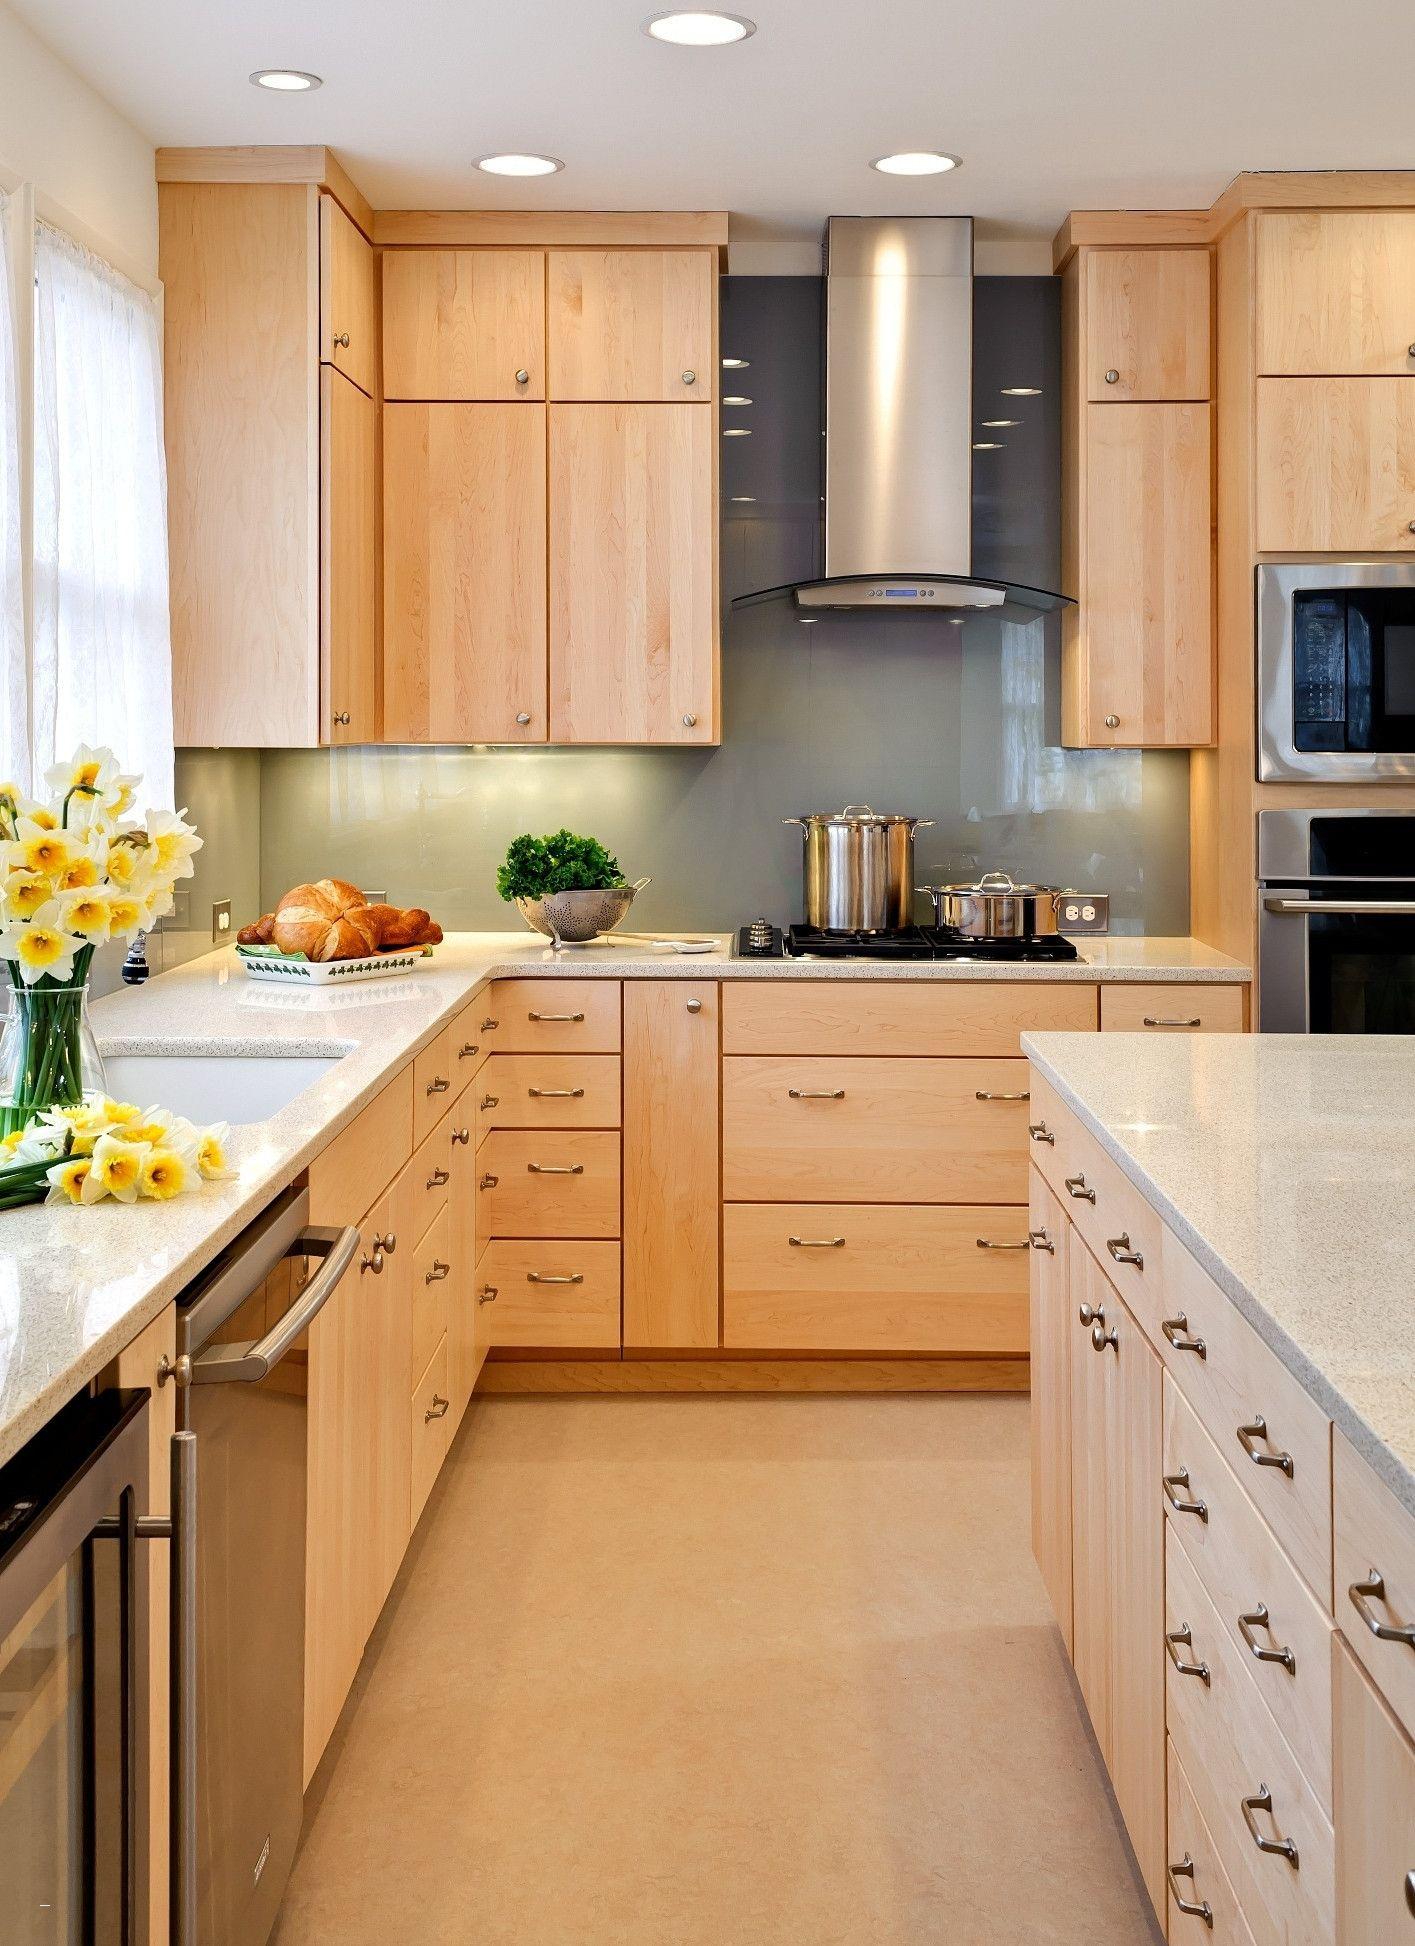 Lovely Kitchen Backsplash Ideas with Maple Cabinets ... on Backsplash For Maple Cabinets  id=40067